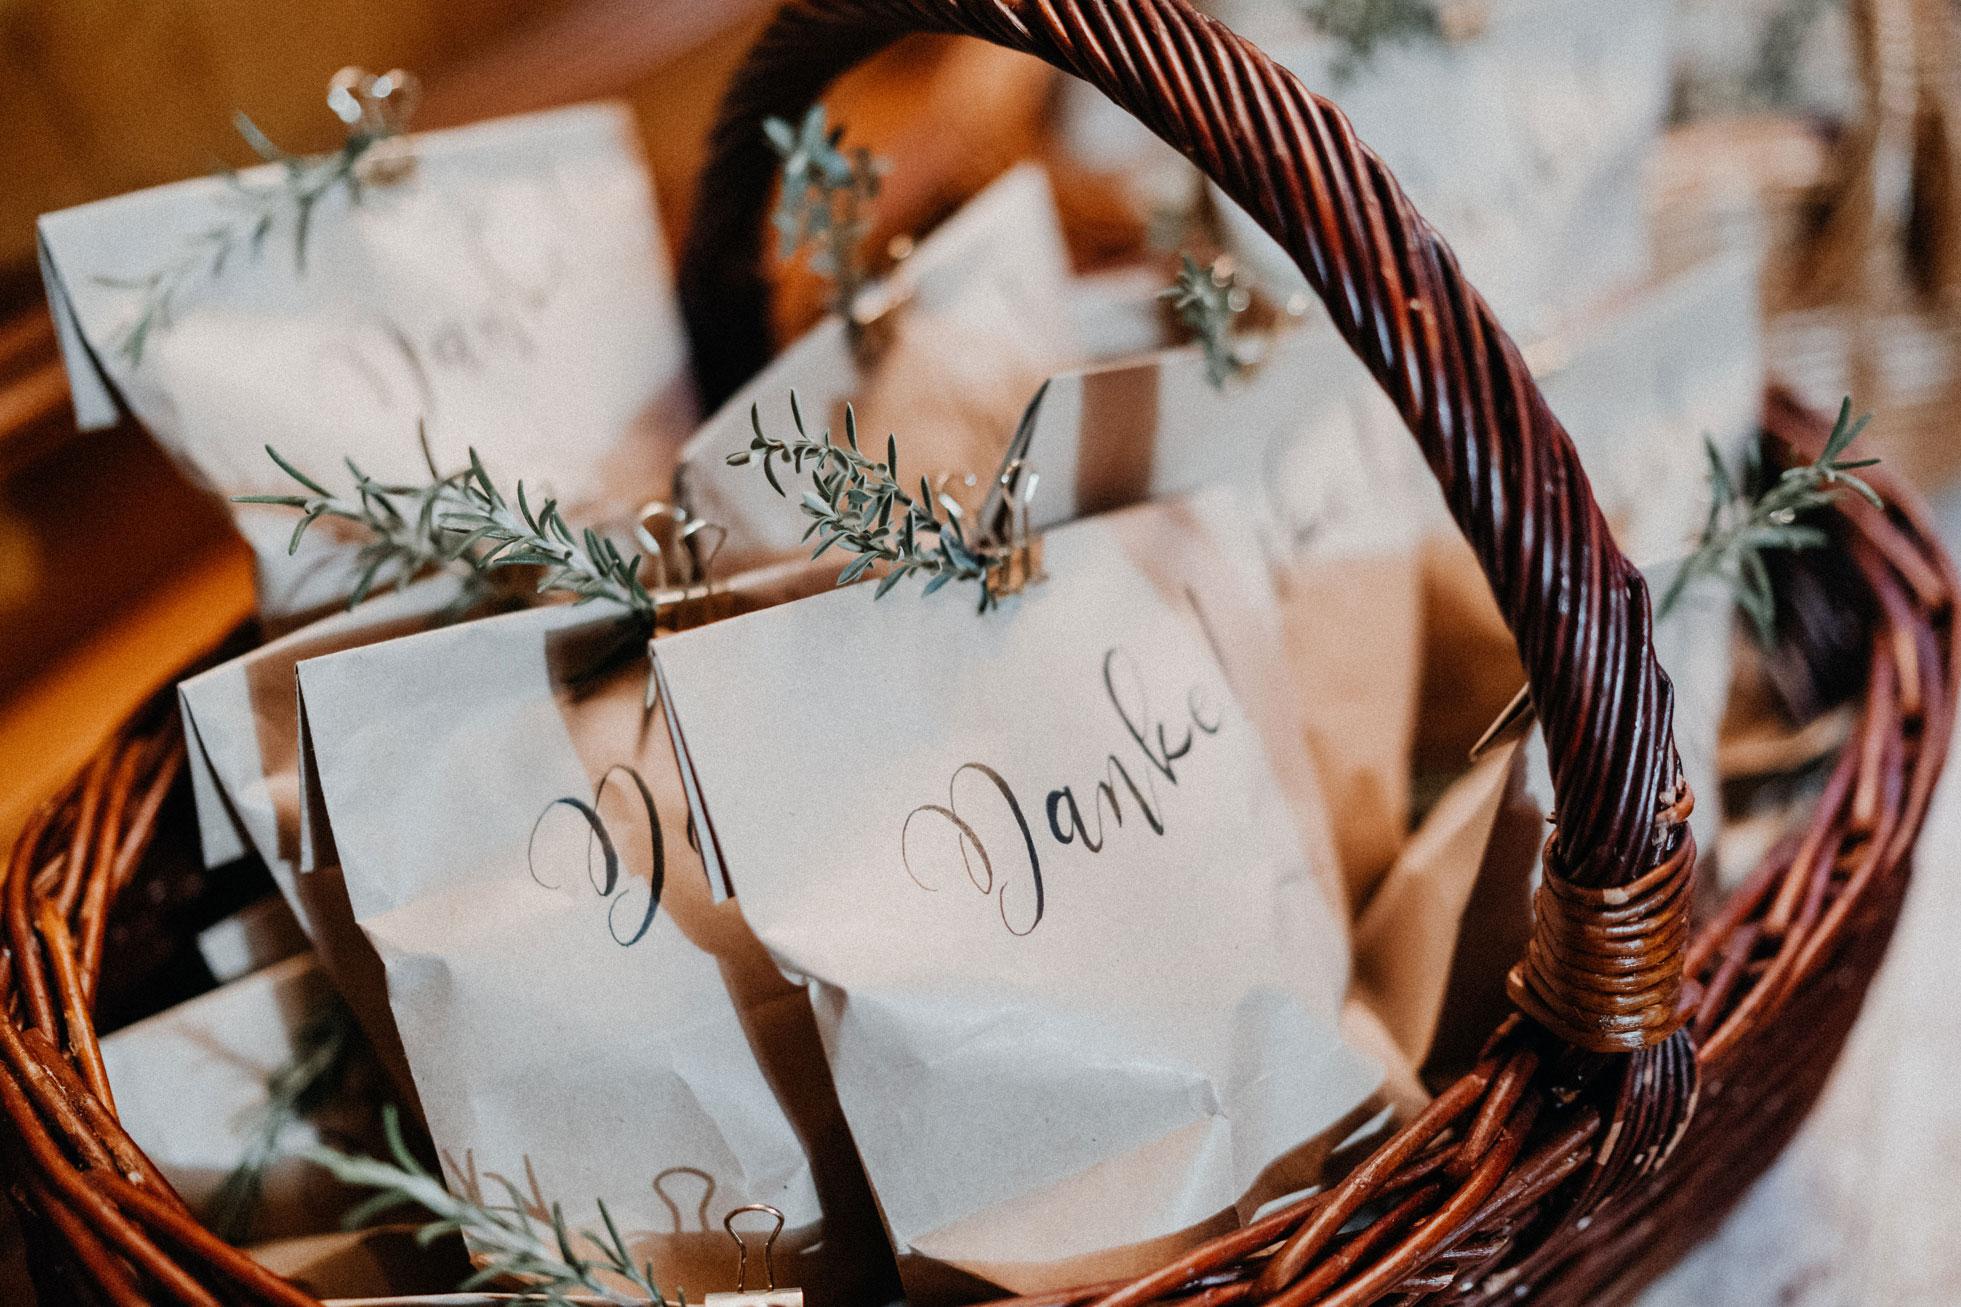 Hochzeit_Claire_Manuel_Villa_Maund_Daniel_Jenny-467.jpg